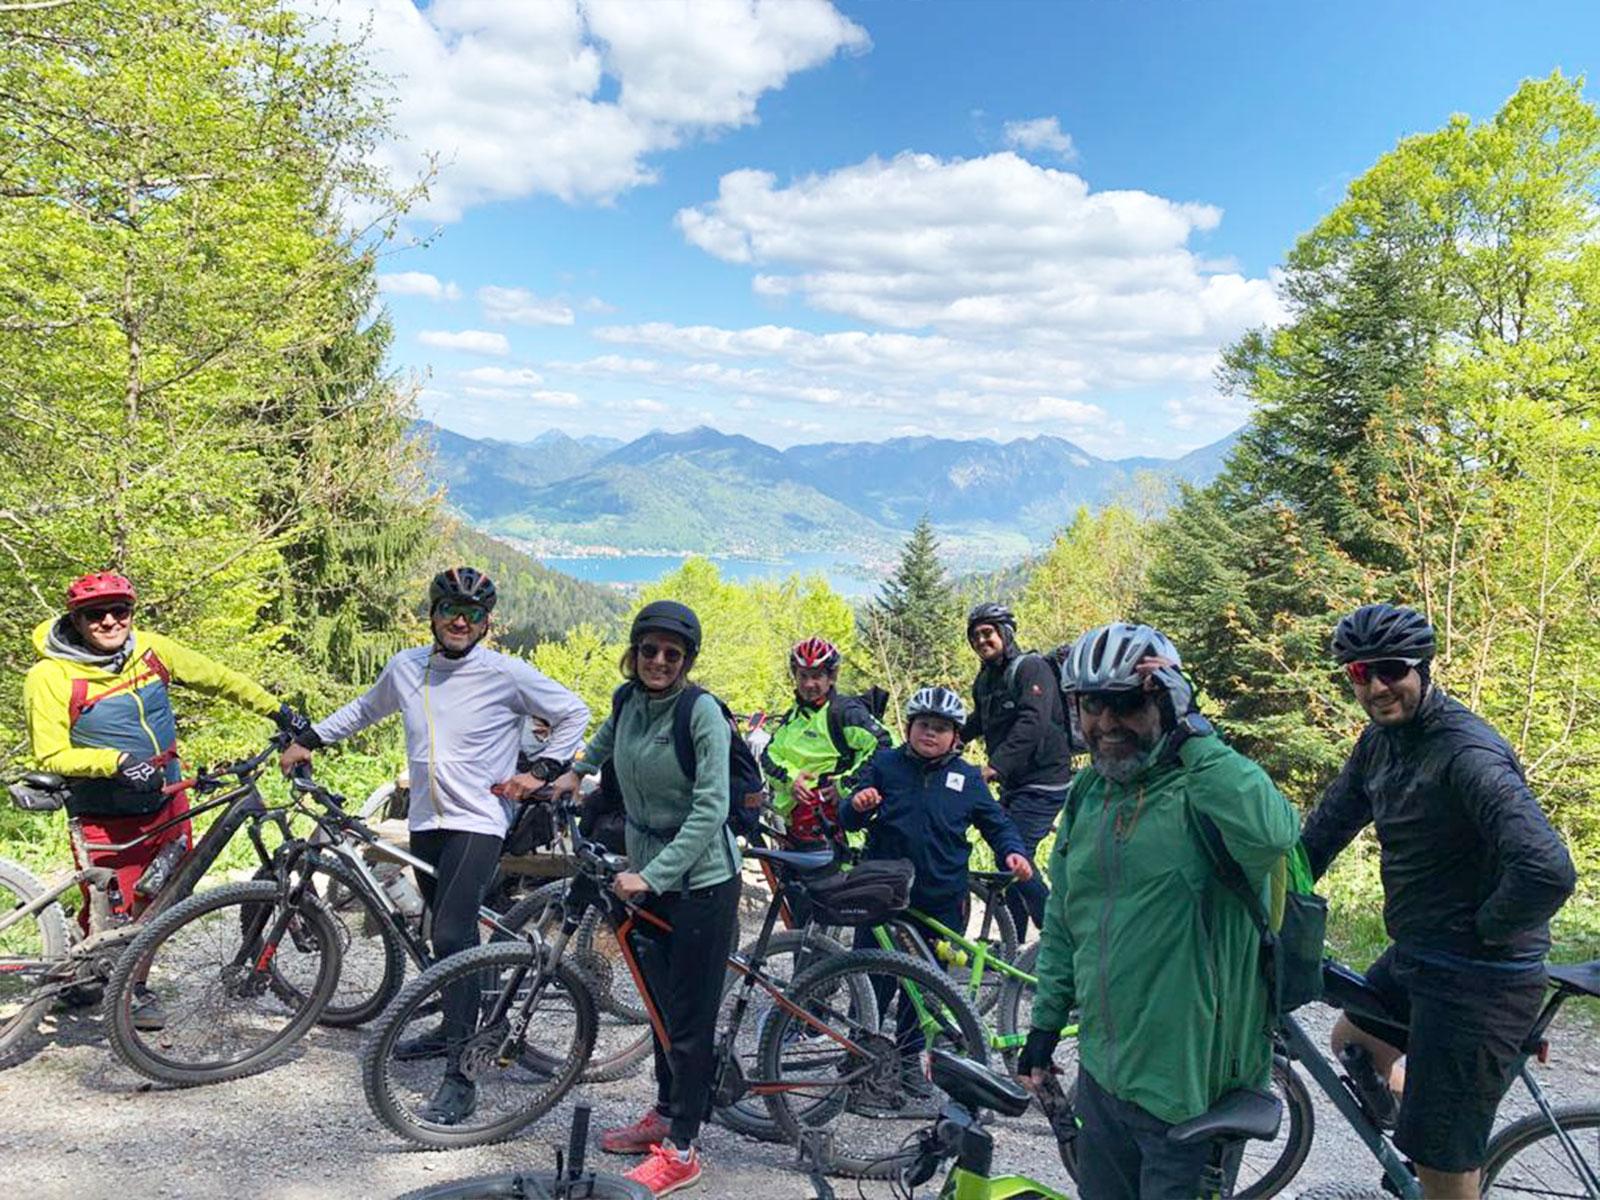 Unsere Mountainbike Tour ging dieses mal raus zum Tegernsee.